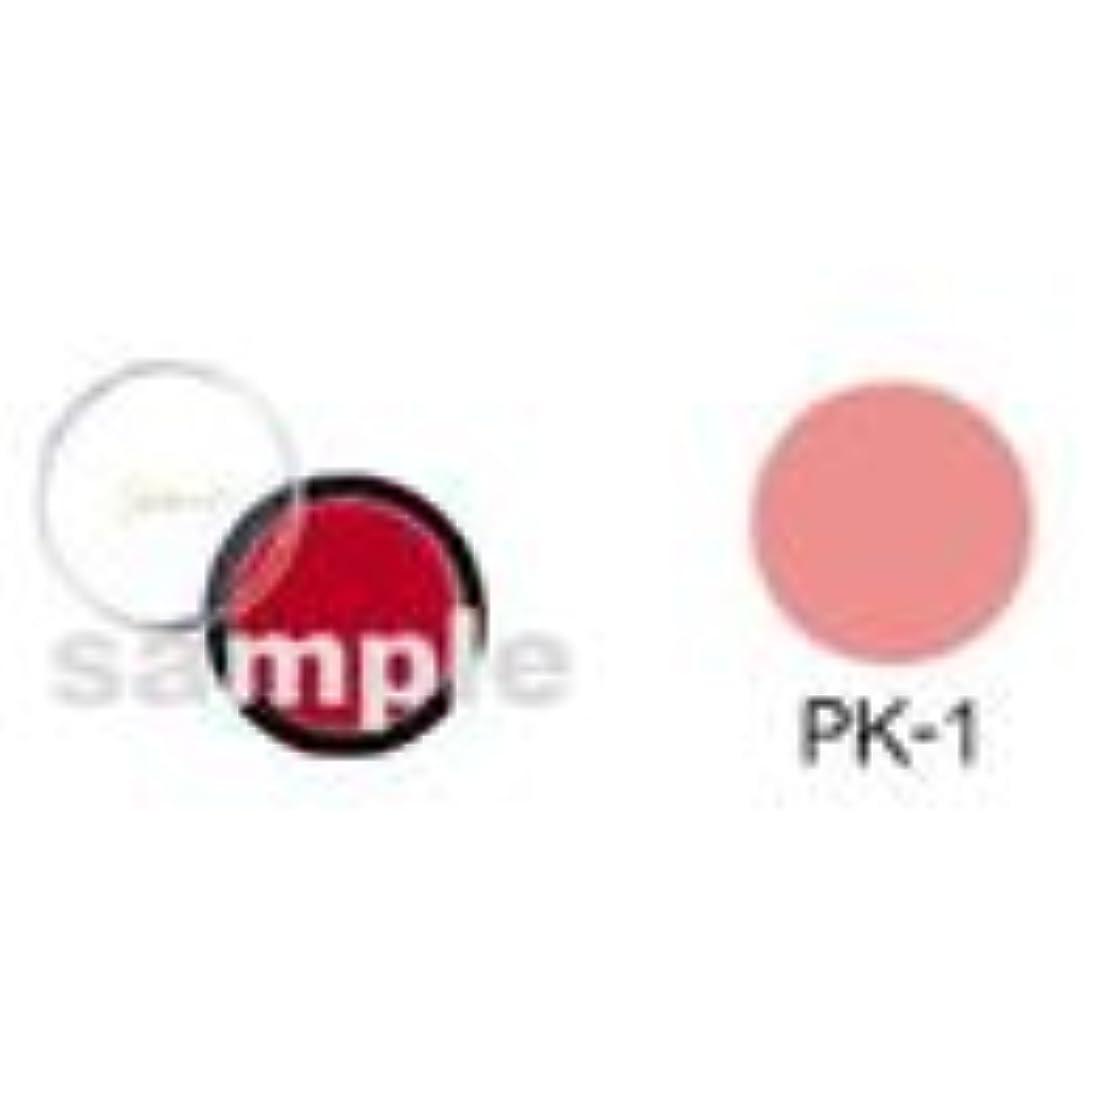 薄い夫婦食用シャレナ カラーリップ PK-1